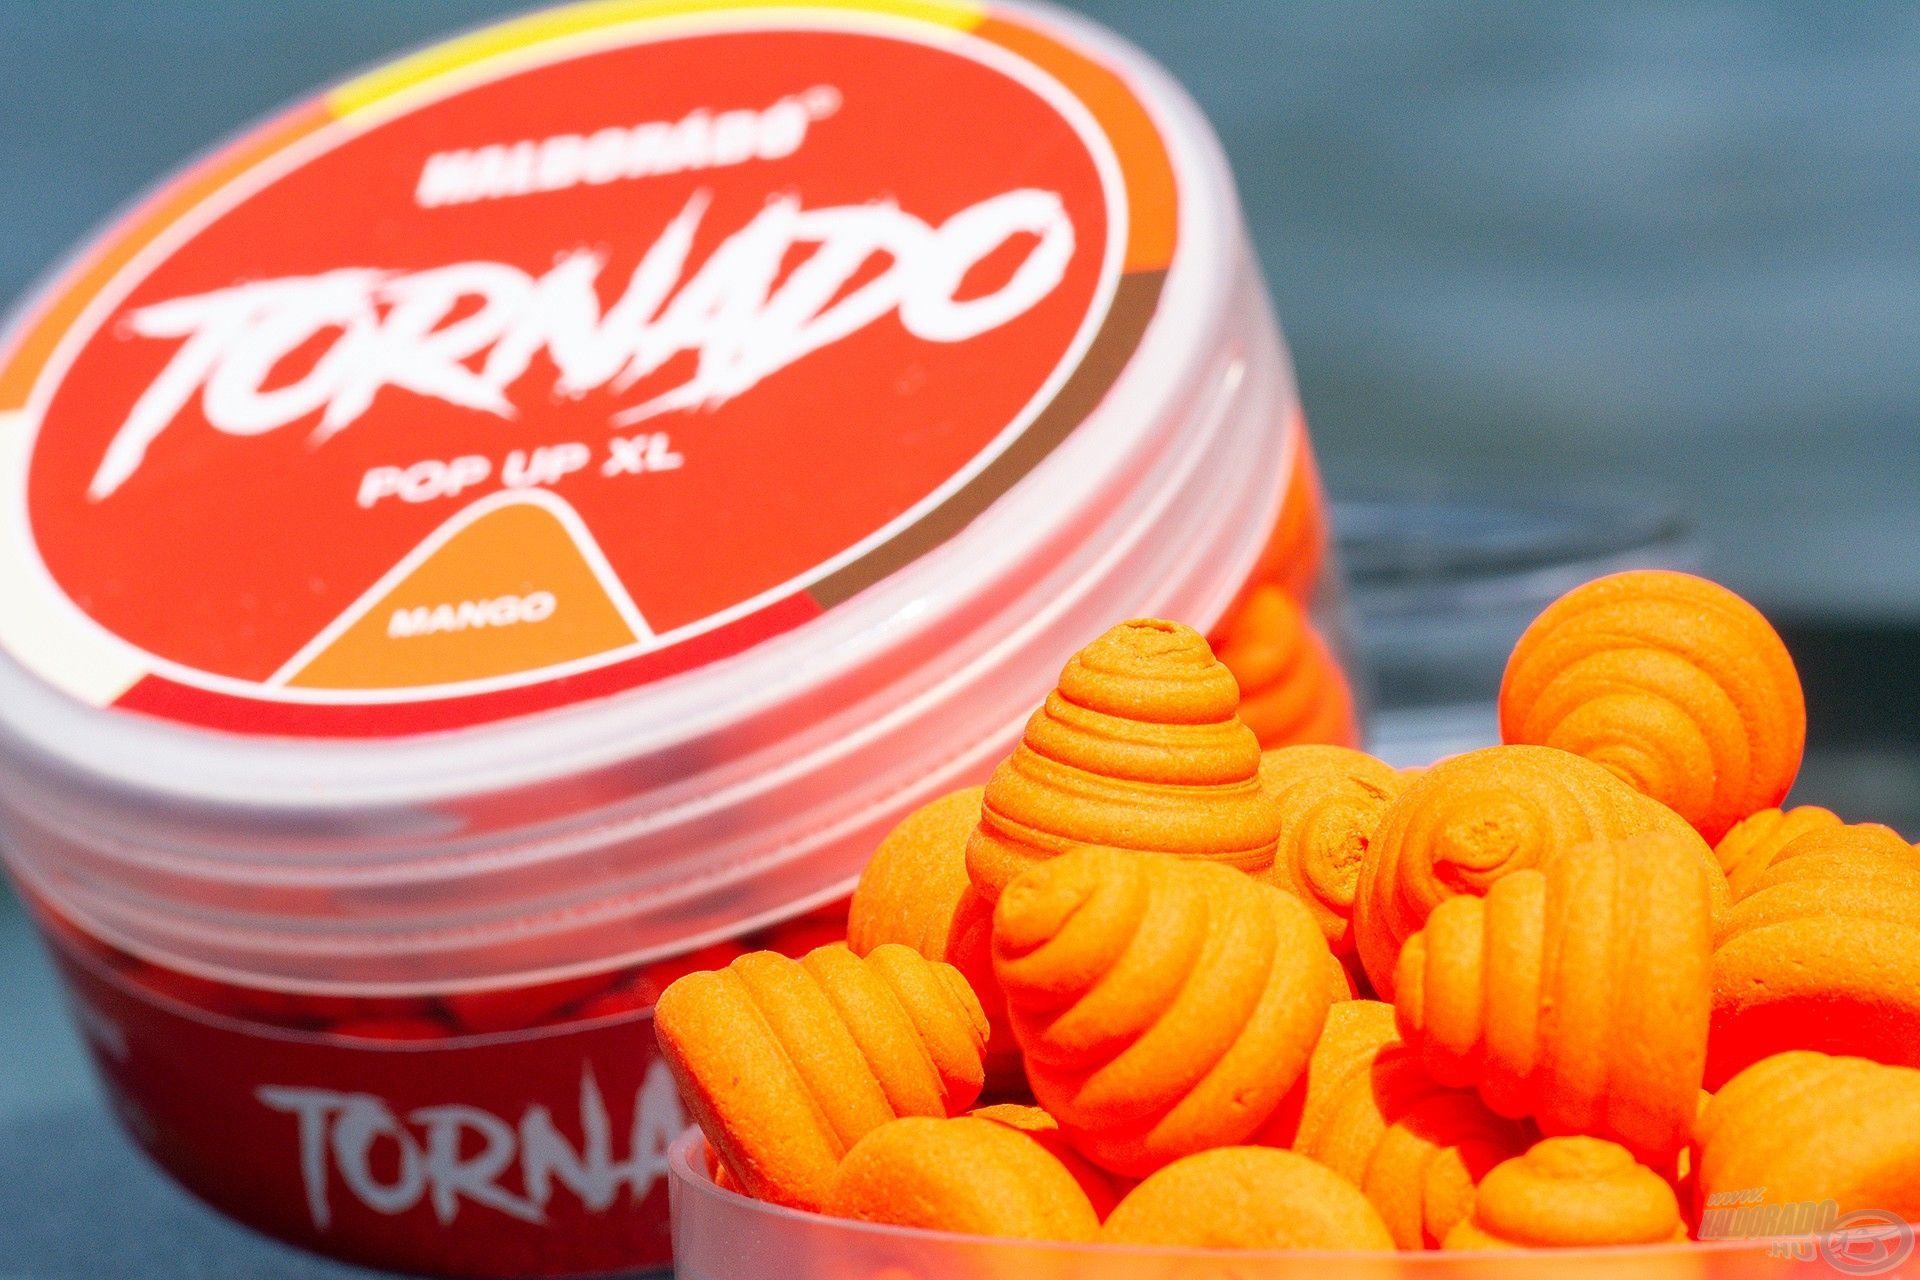 Büszkén mutatom be 2021-es fejlesztéseink közül a TORNADO Pop Up XL Mangót!